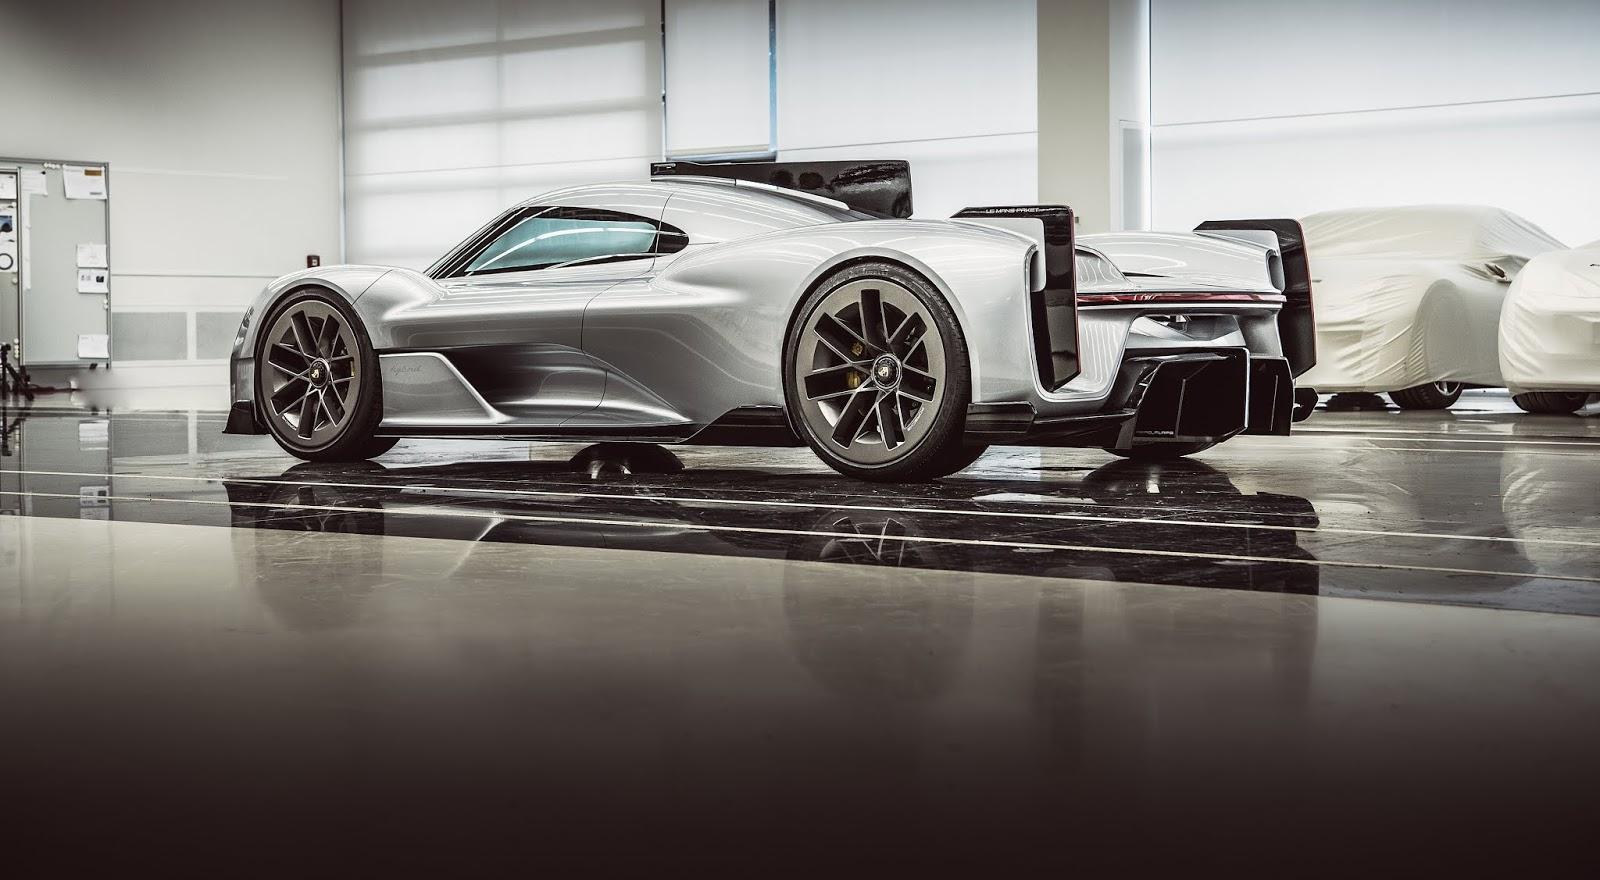 CUR7452 2 Τα άγνωστα Hypercars της Porsche hypercar, Porsche, Porsche Unseen, Sunday, supercar, supercars, zblog, ειδήσεις